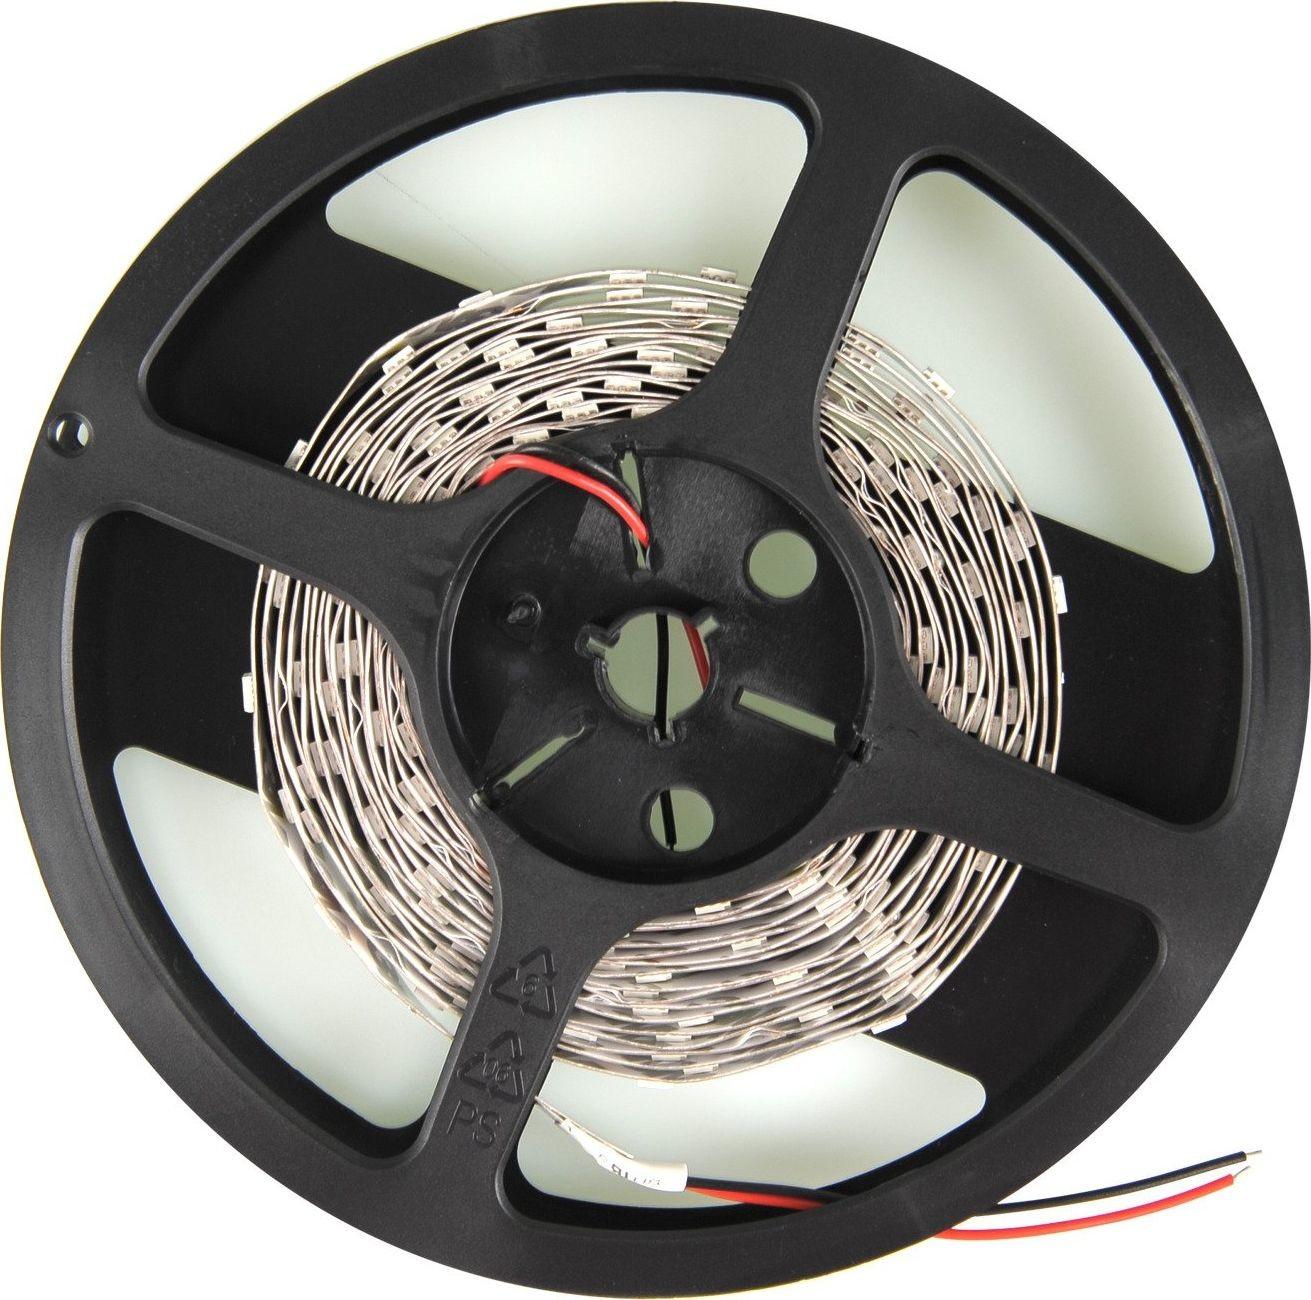 Whitenergy Taśma LED Whitenergy Taśma LED Whitenergy 5m SMD3528 4,8W/m 12V 10mm zimna biała bez konektora Uniwersalny